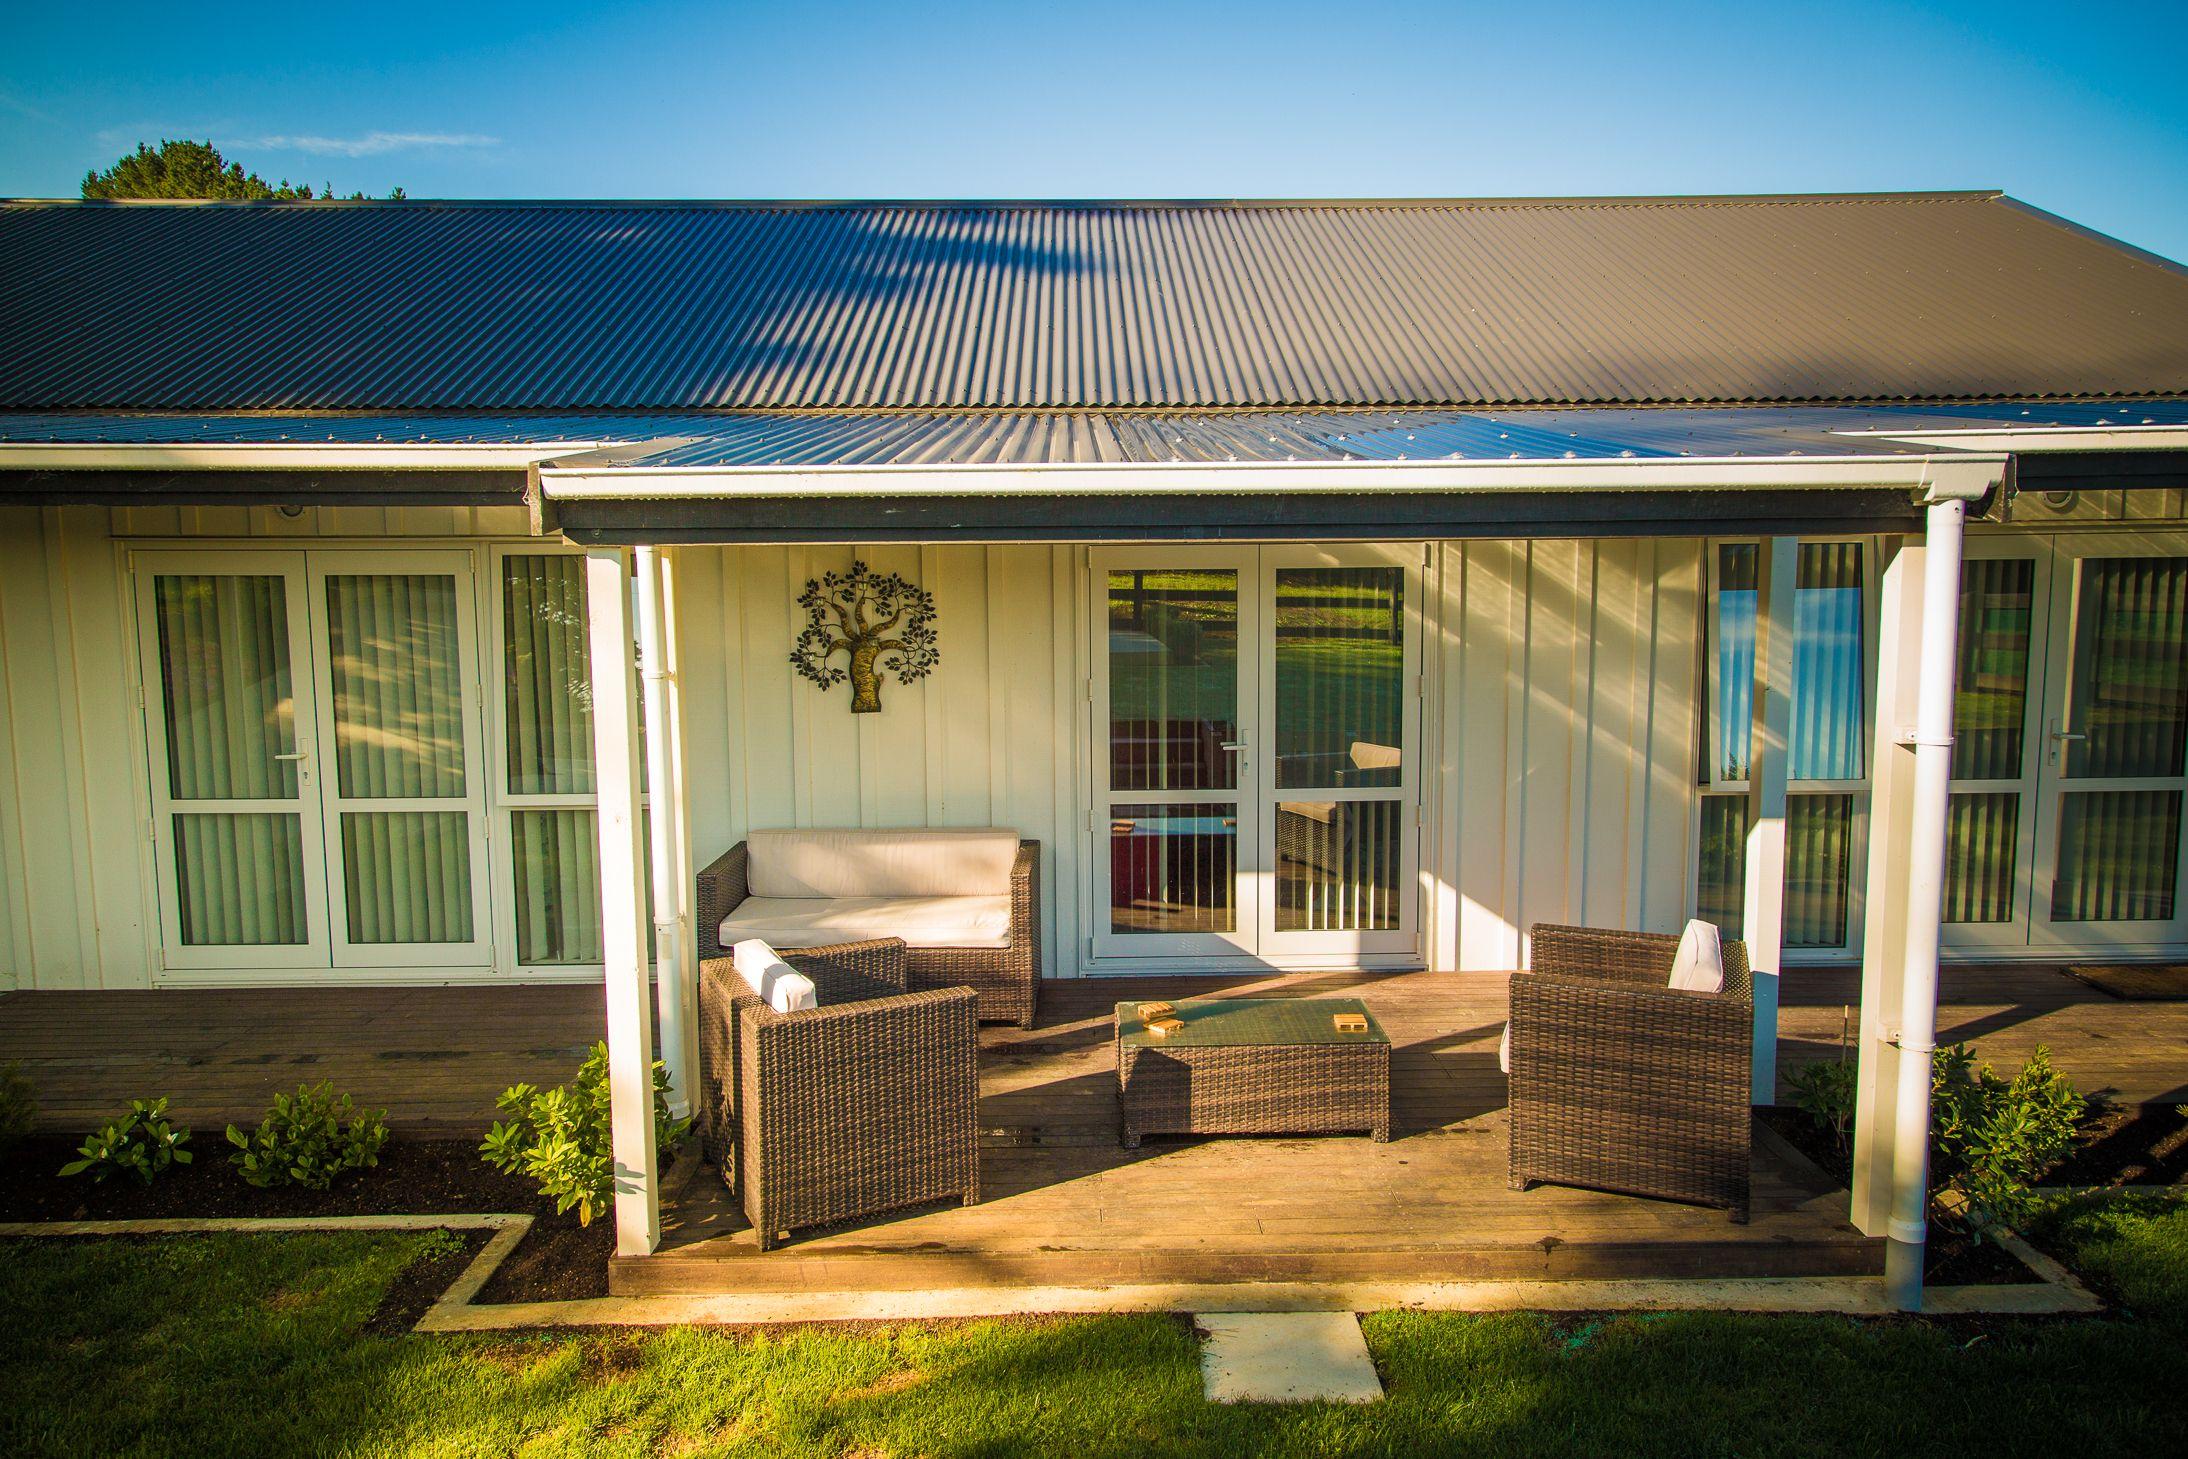 Covered verandah Barn style house, Timber frame building